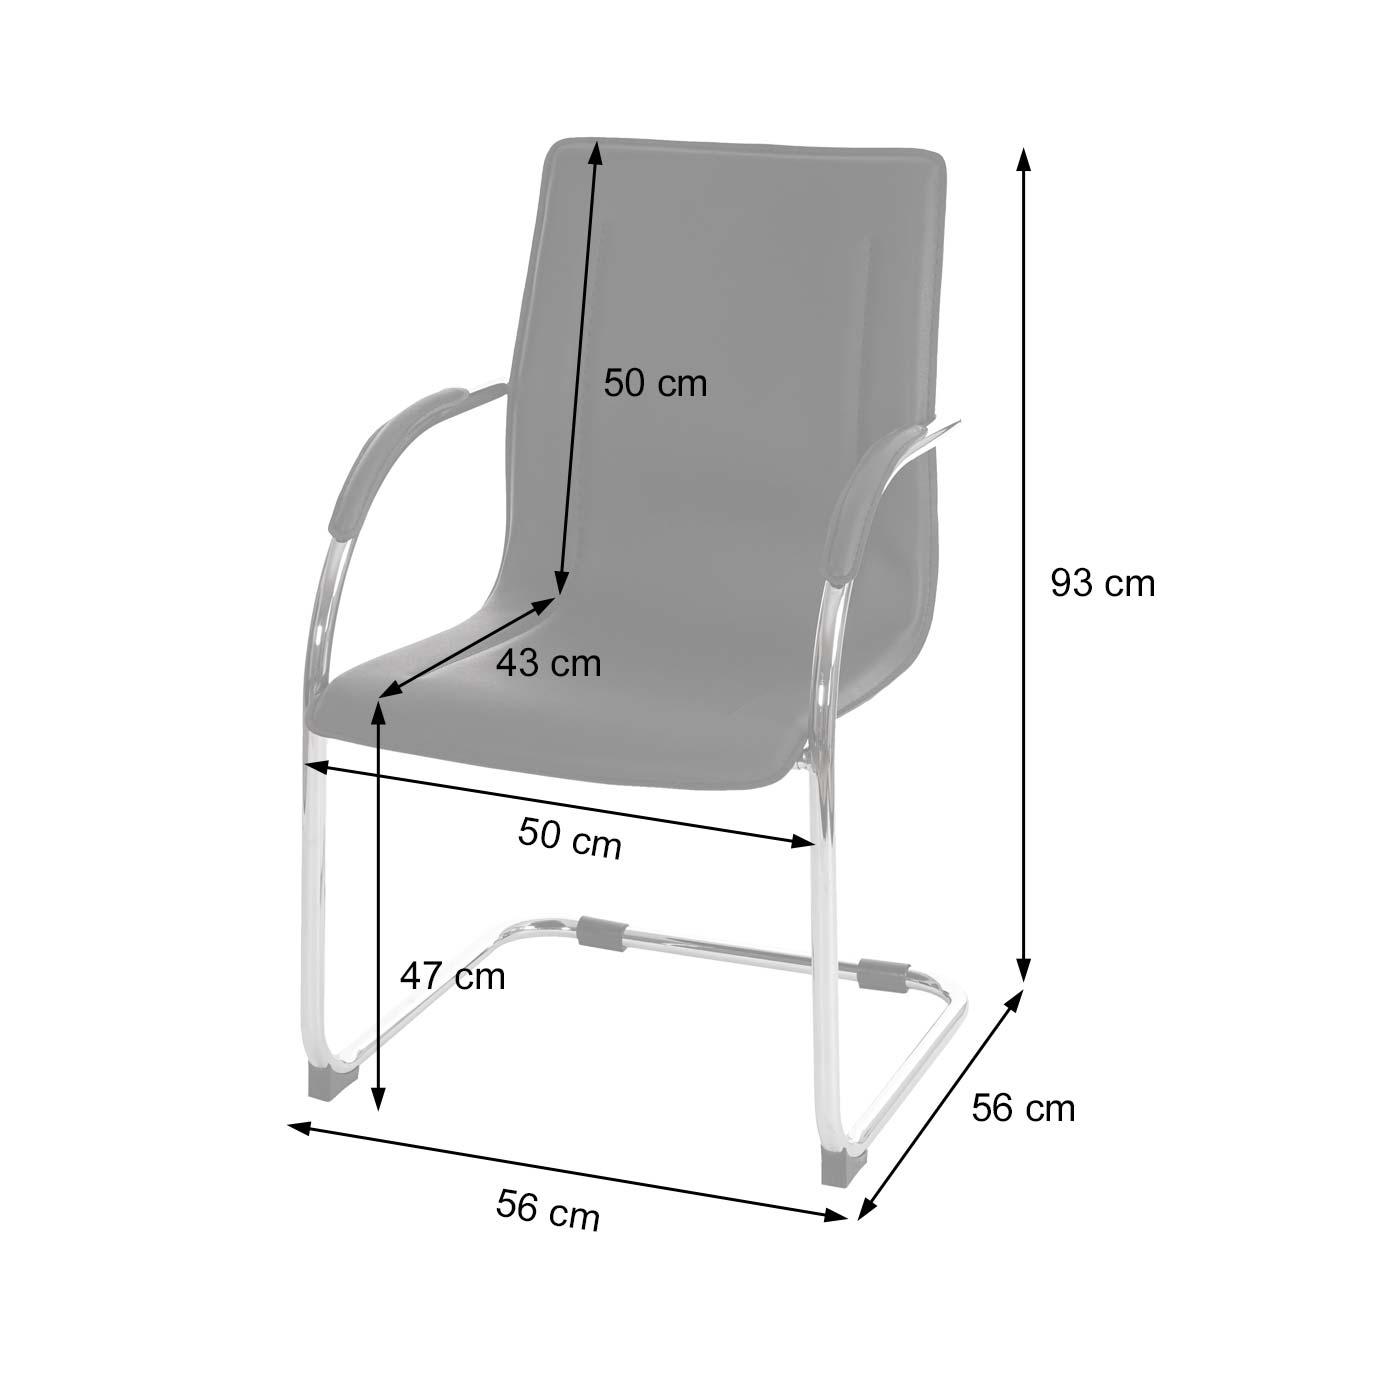 Konferenzstuhl T600 Bemaßungsbild